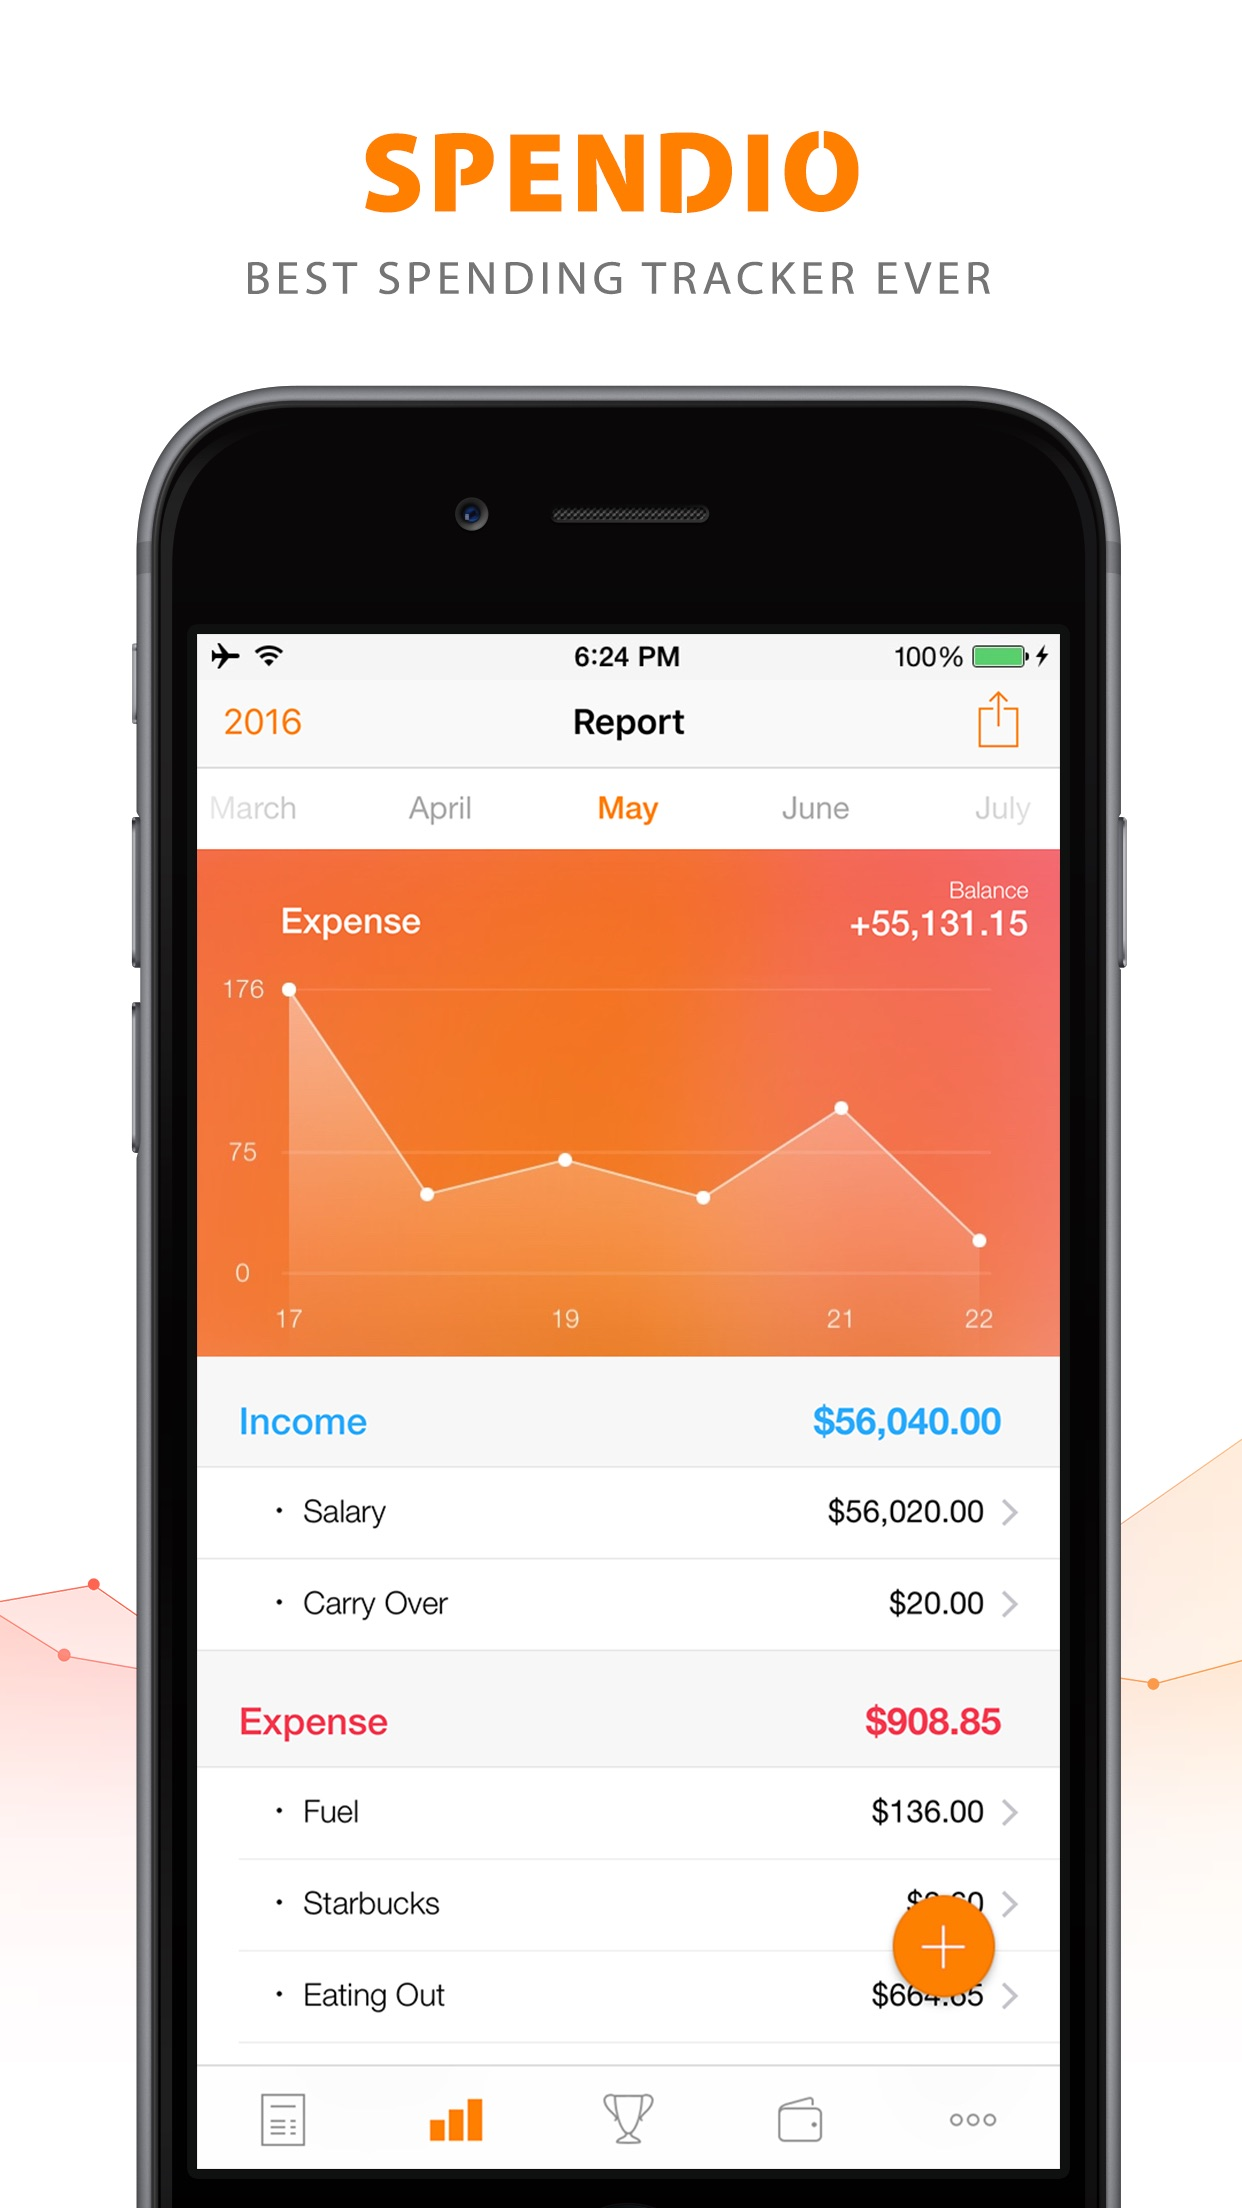 Spendio - Spending Tracker for iPhone & Apple Watch Screenshot